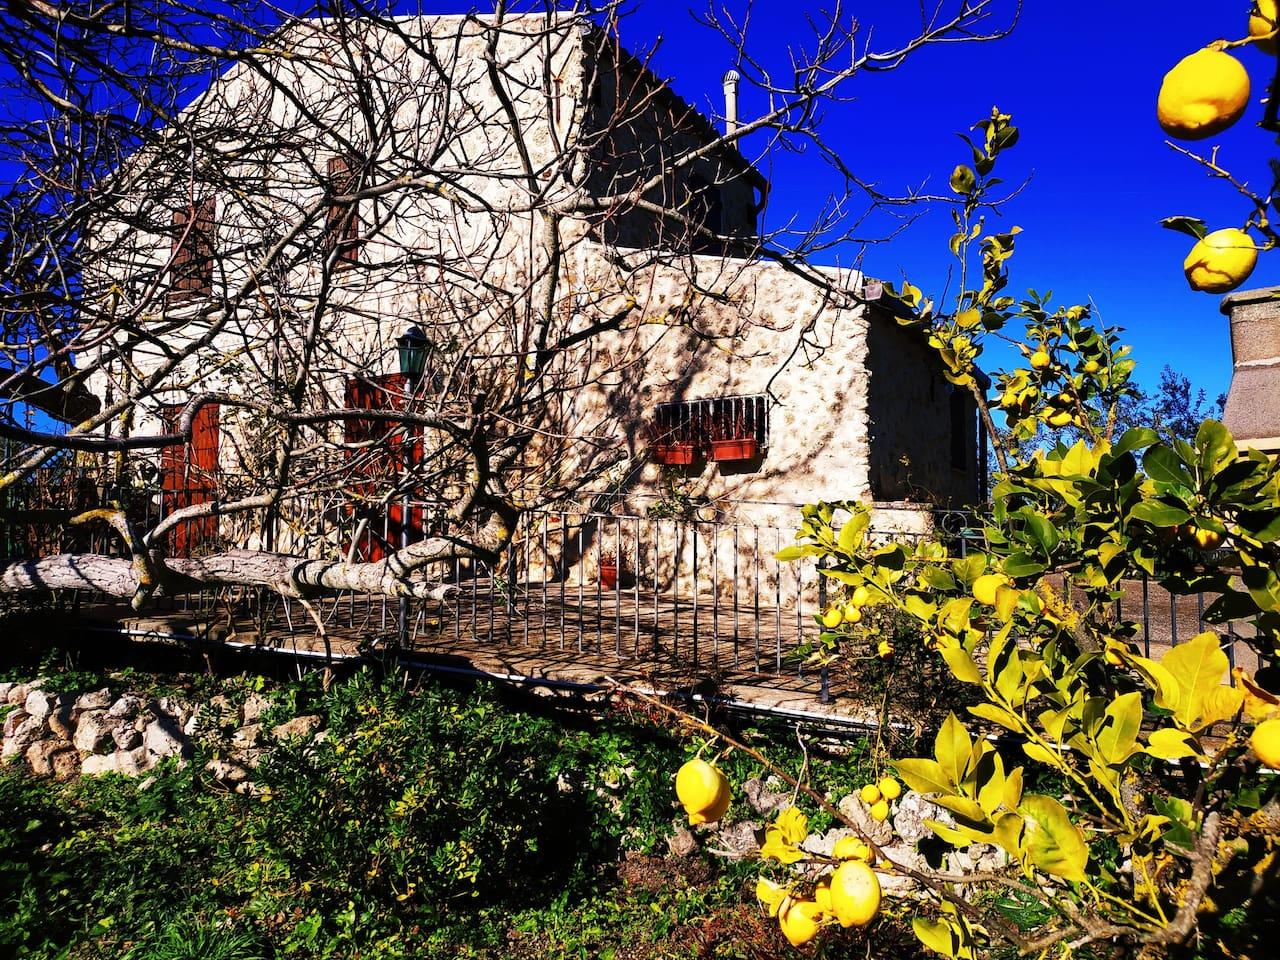 Immersa nel verde, soleggiata, tranquilla. La Casa Vacanze Rahalmaut è una casa bucolica ideale per le tue vacanze in Sicilia